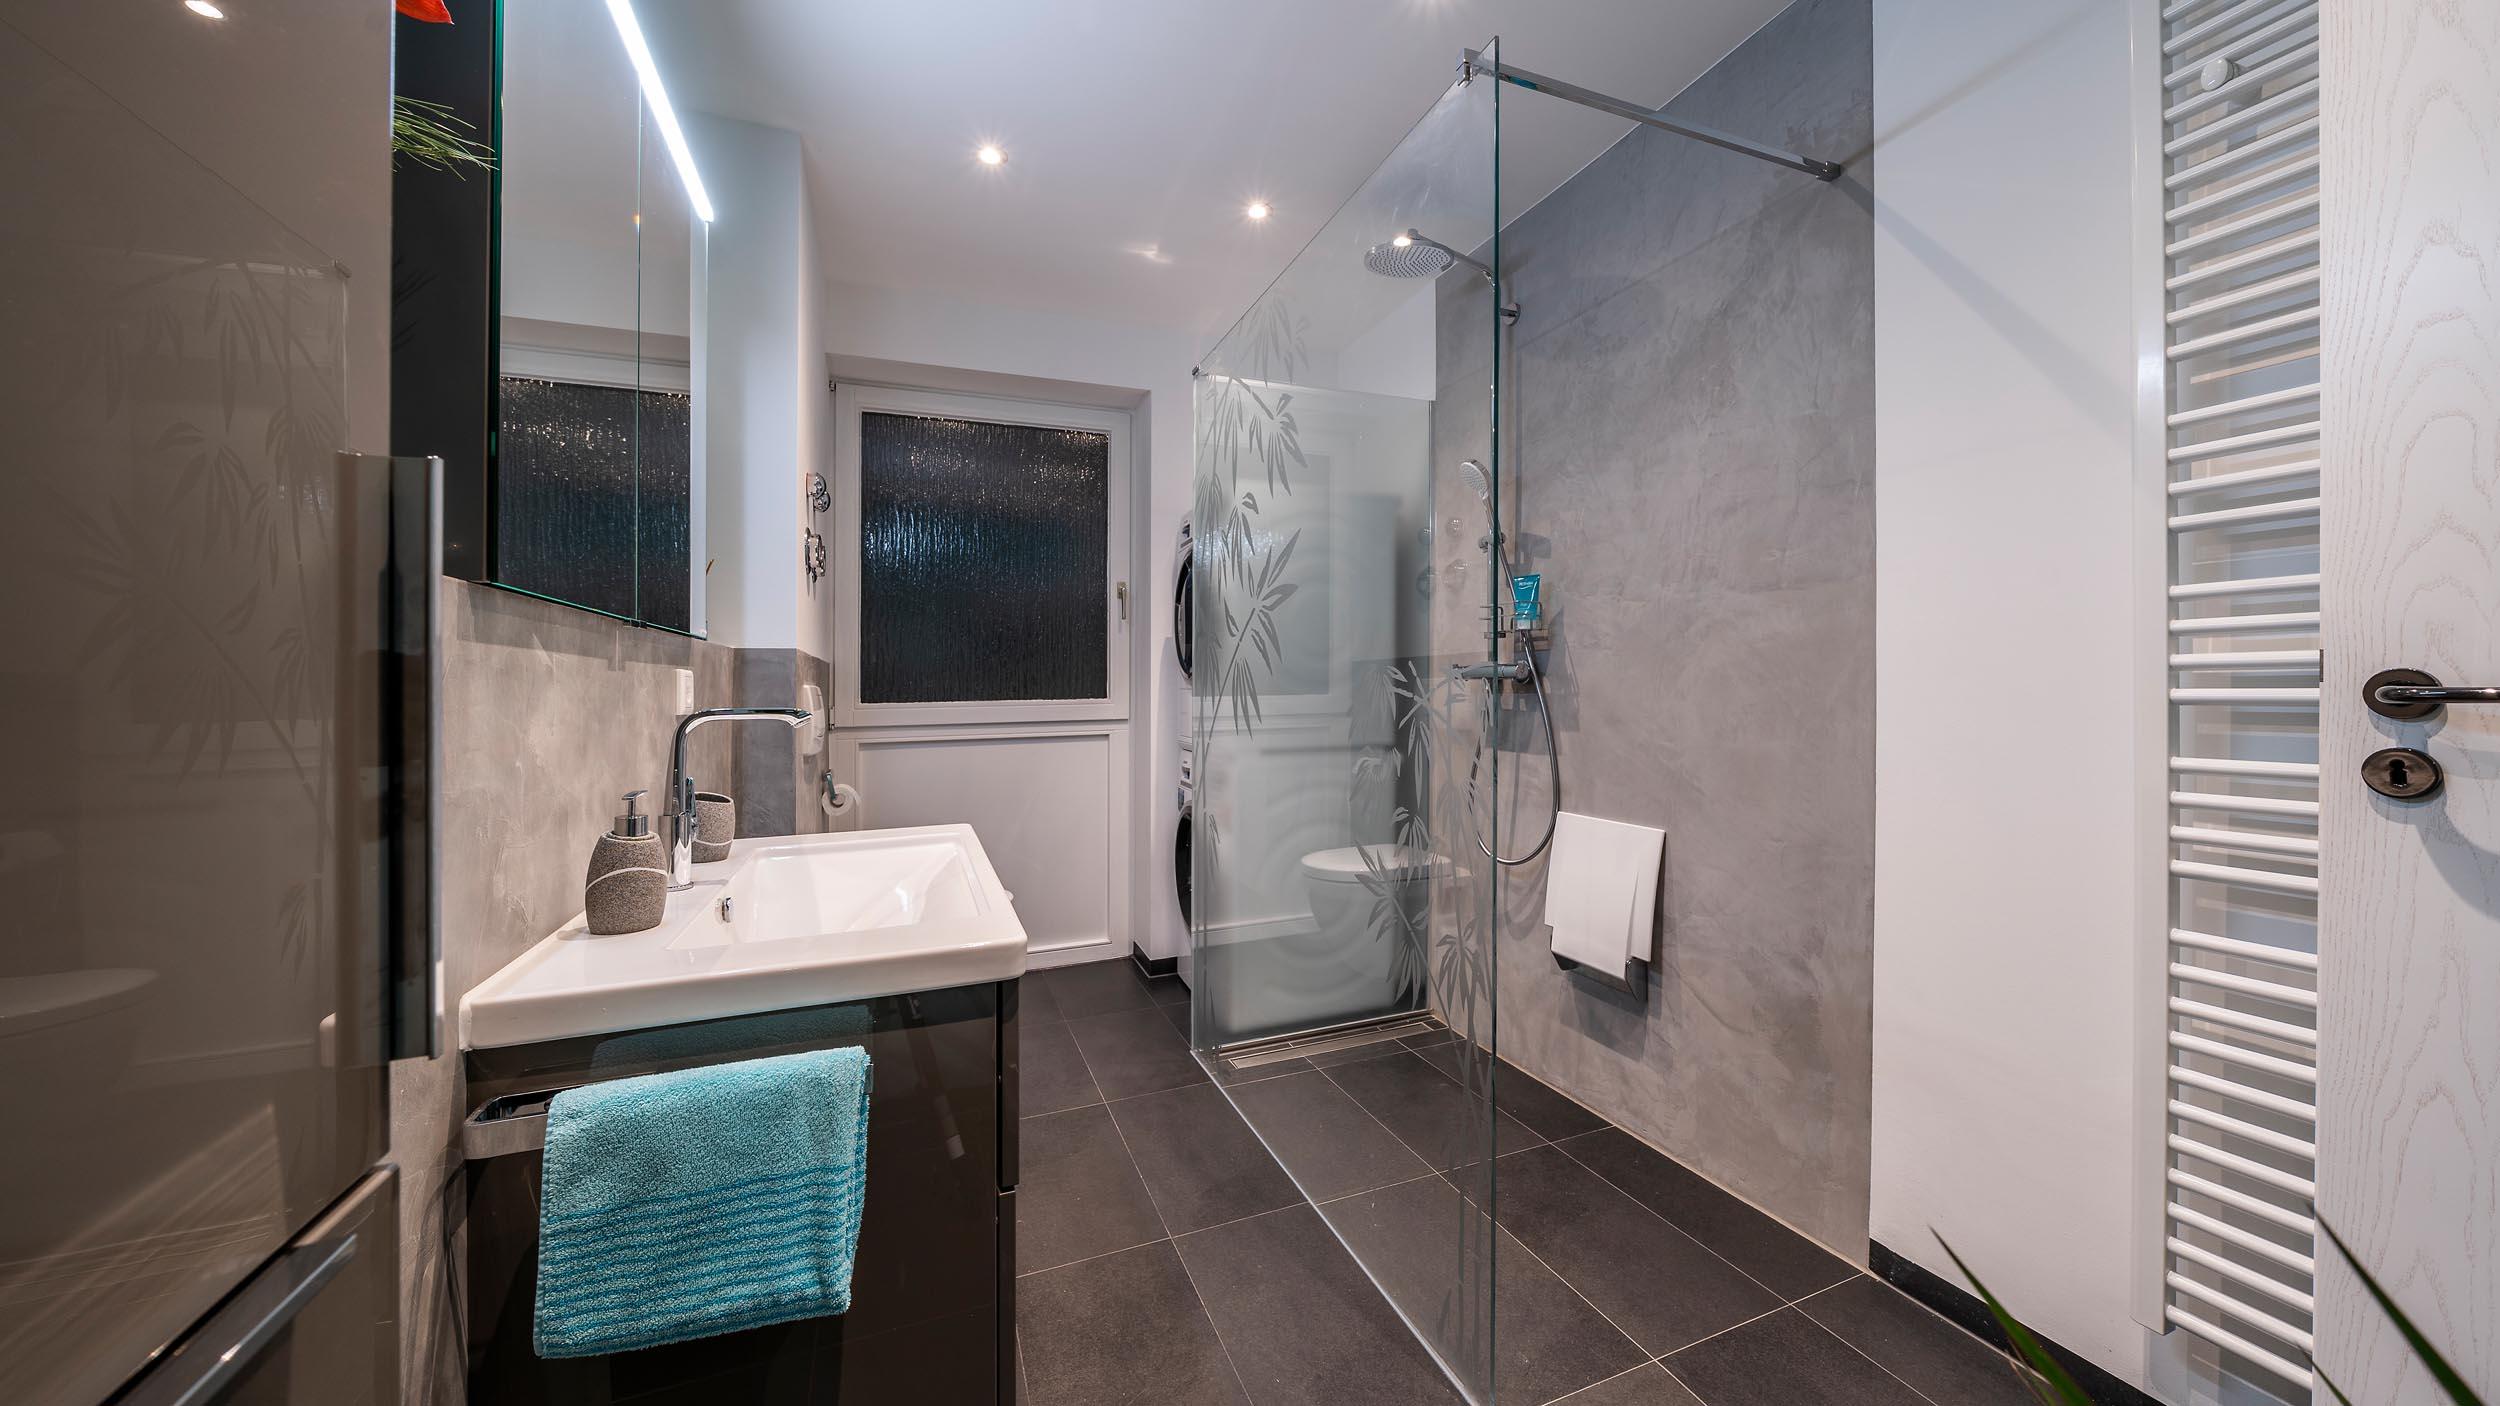 altersgerechter Badumbau mit ebenerdiger Dusche